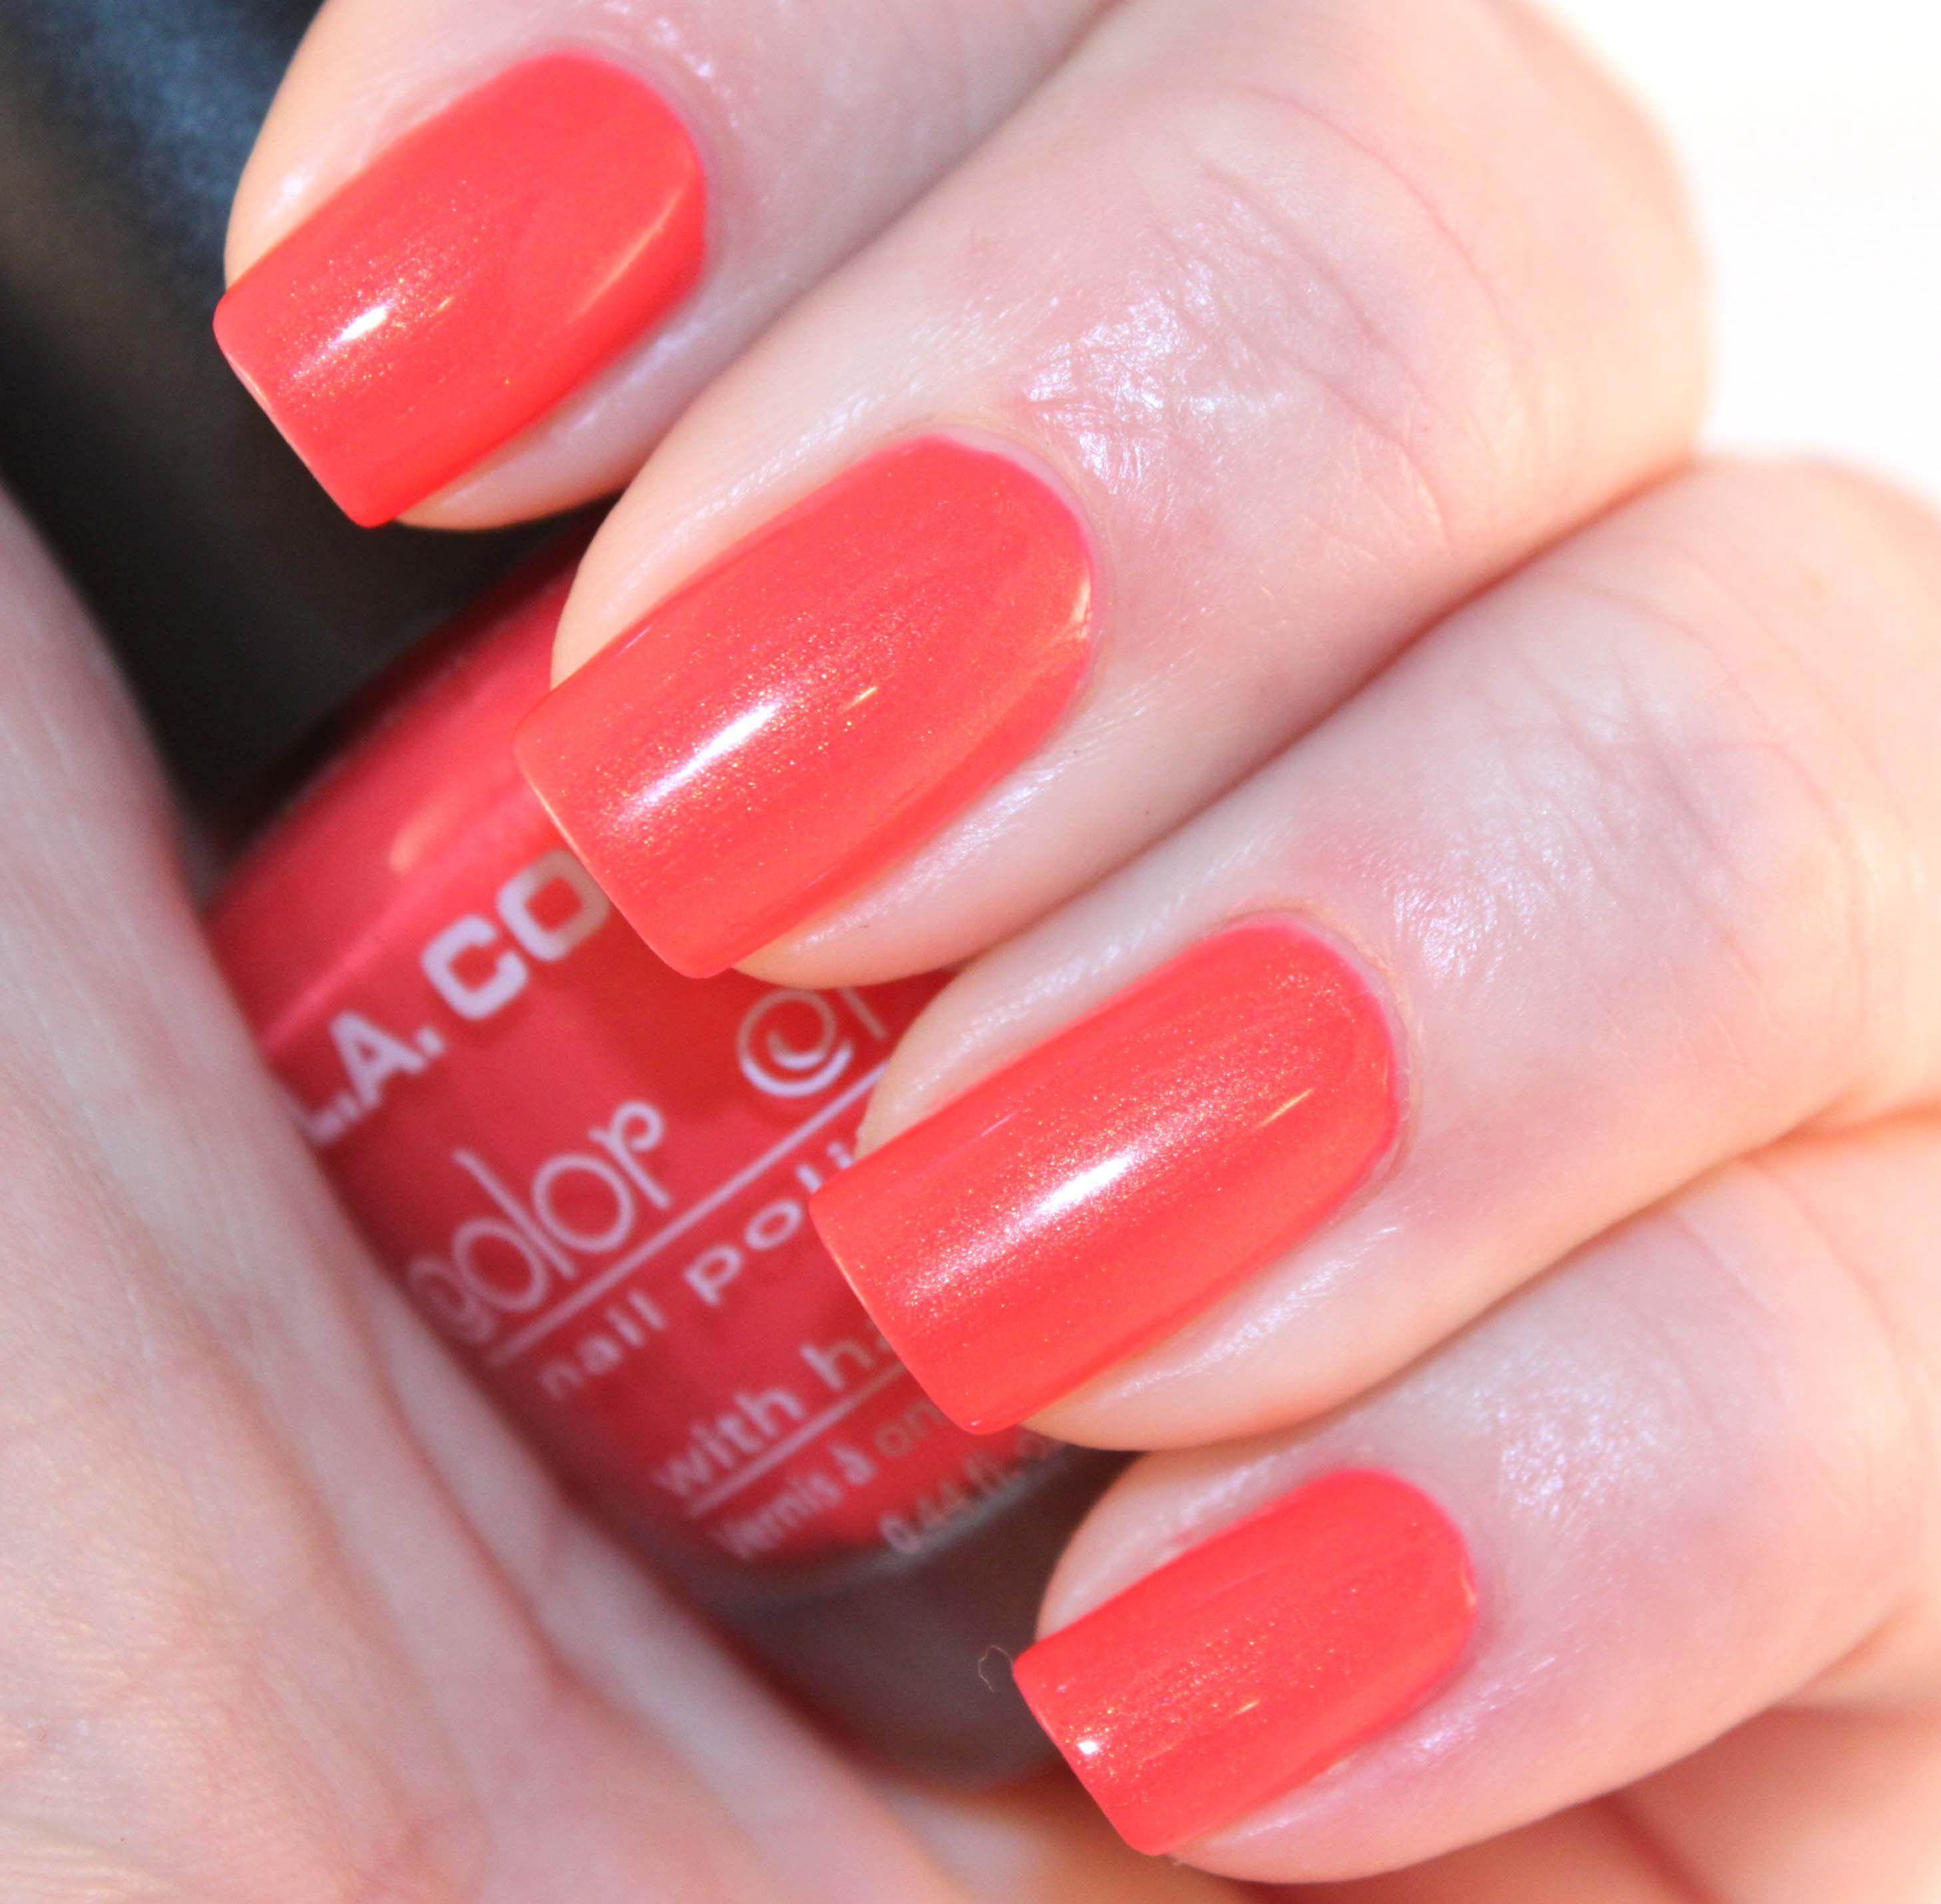 LA Colors Color Craze - Magnetic Force | Fingernails - Have - G thru ...